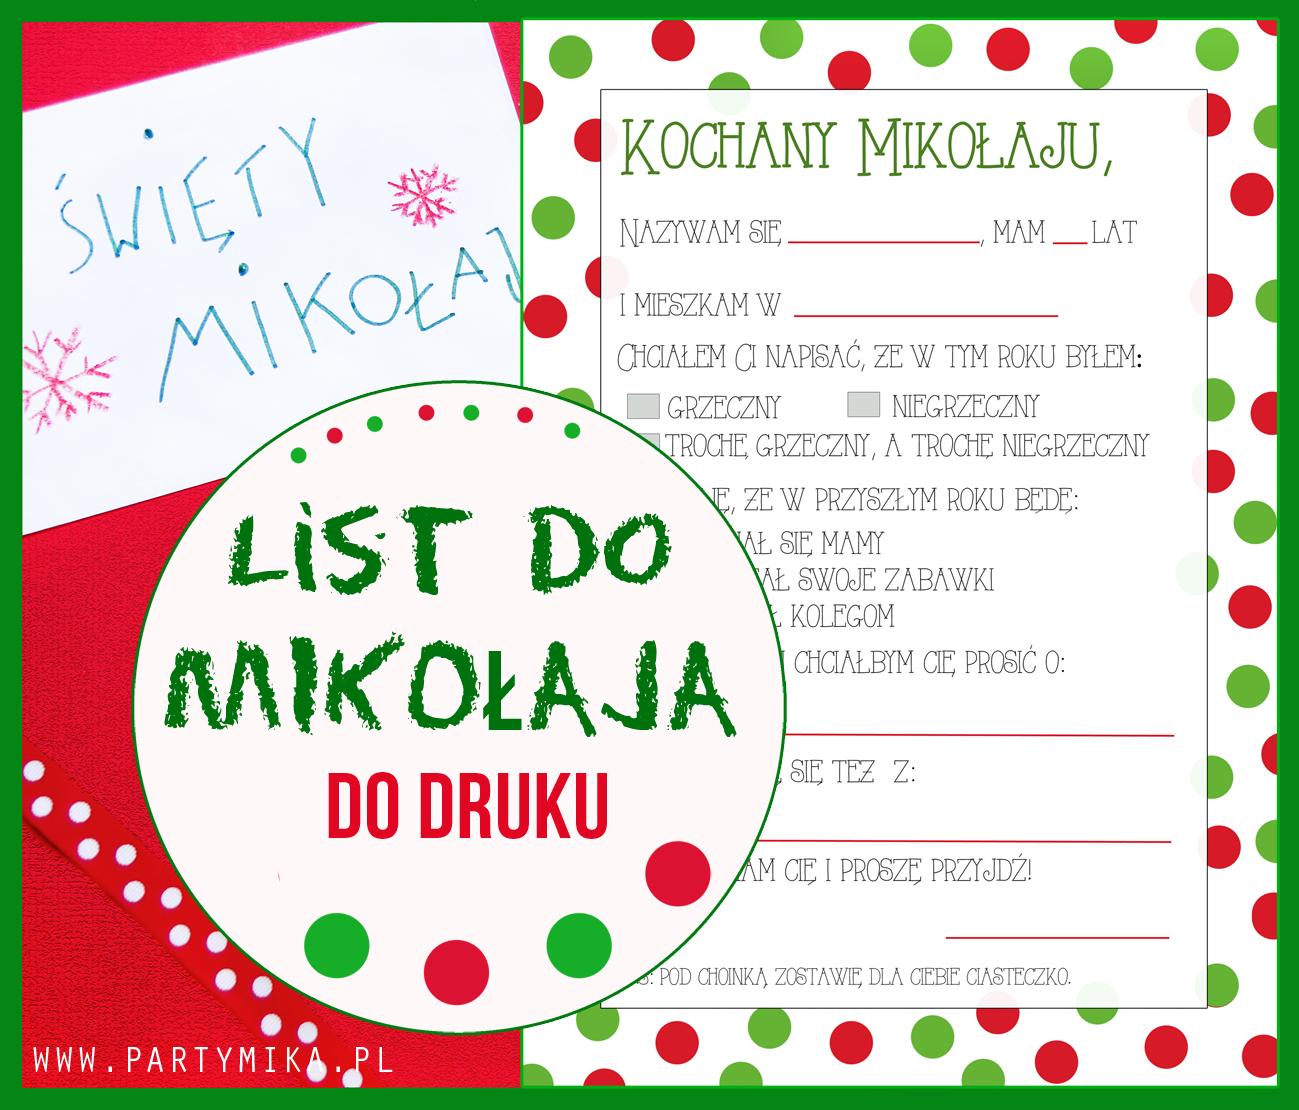 List Wia Tego Miko Aja Writing Letter Santa Claus Darmowy Szablon Druku List Do Mikolaja Darmowe Szablony Szablony Do Druku